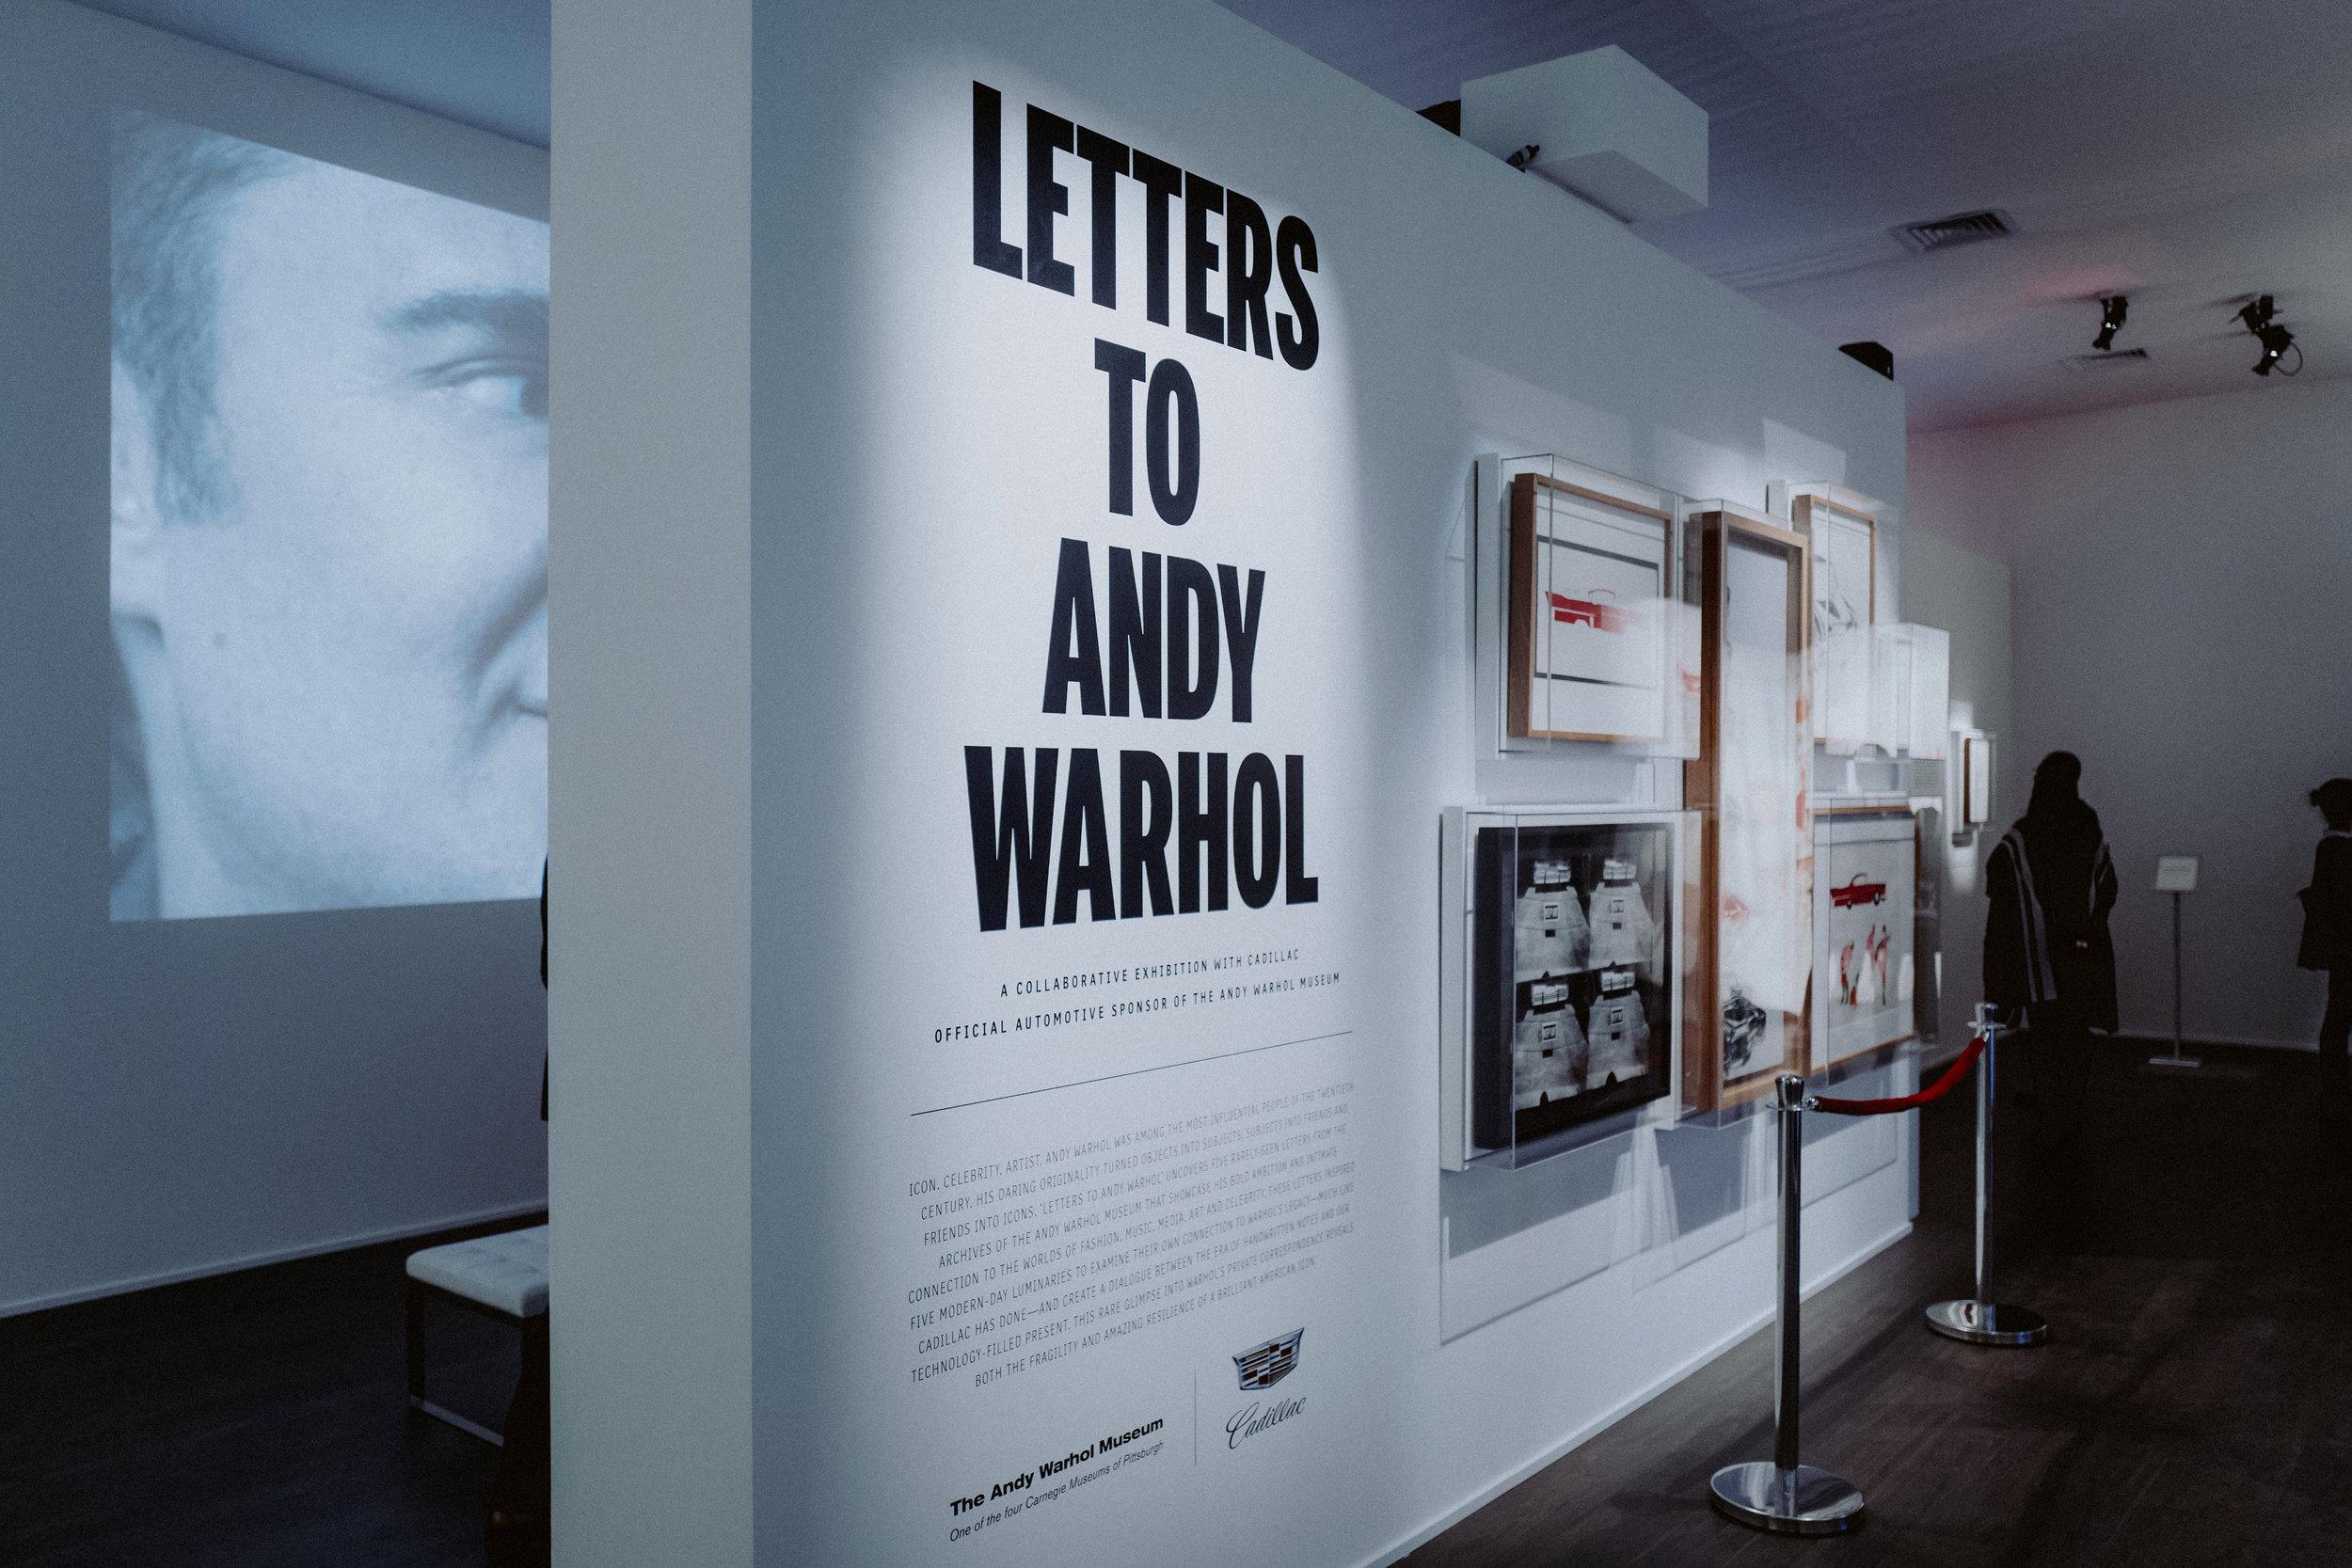 Sole_DXB_Cadillac_Andy_Warhol_6.JPG